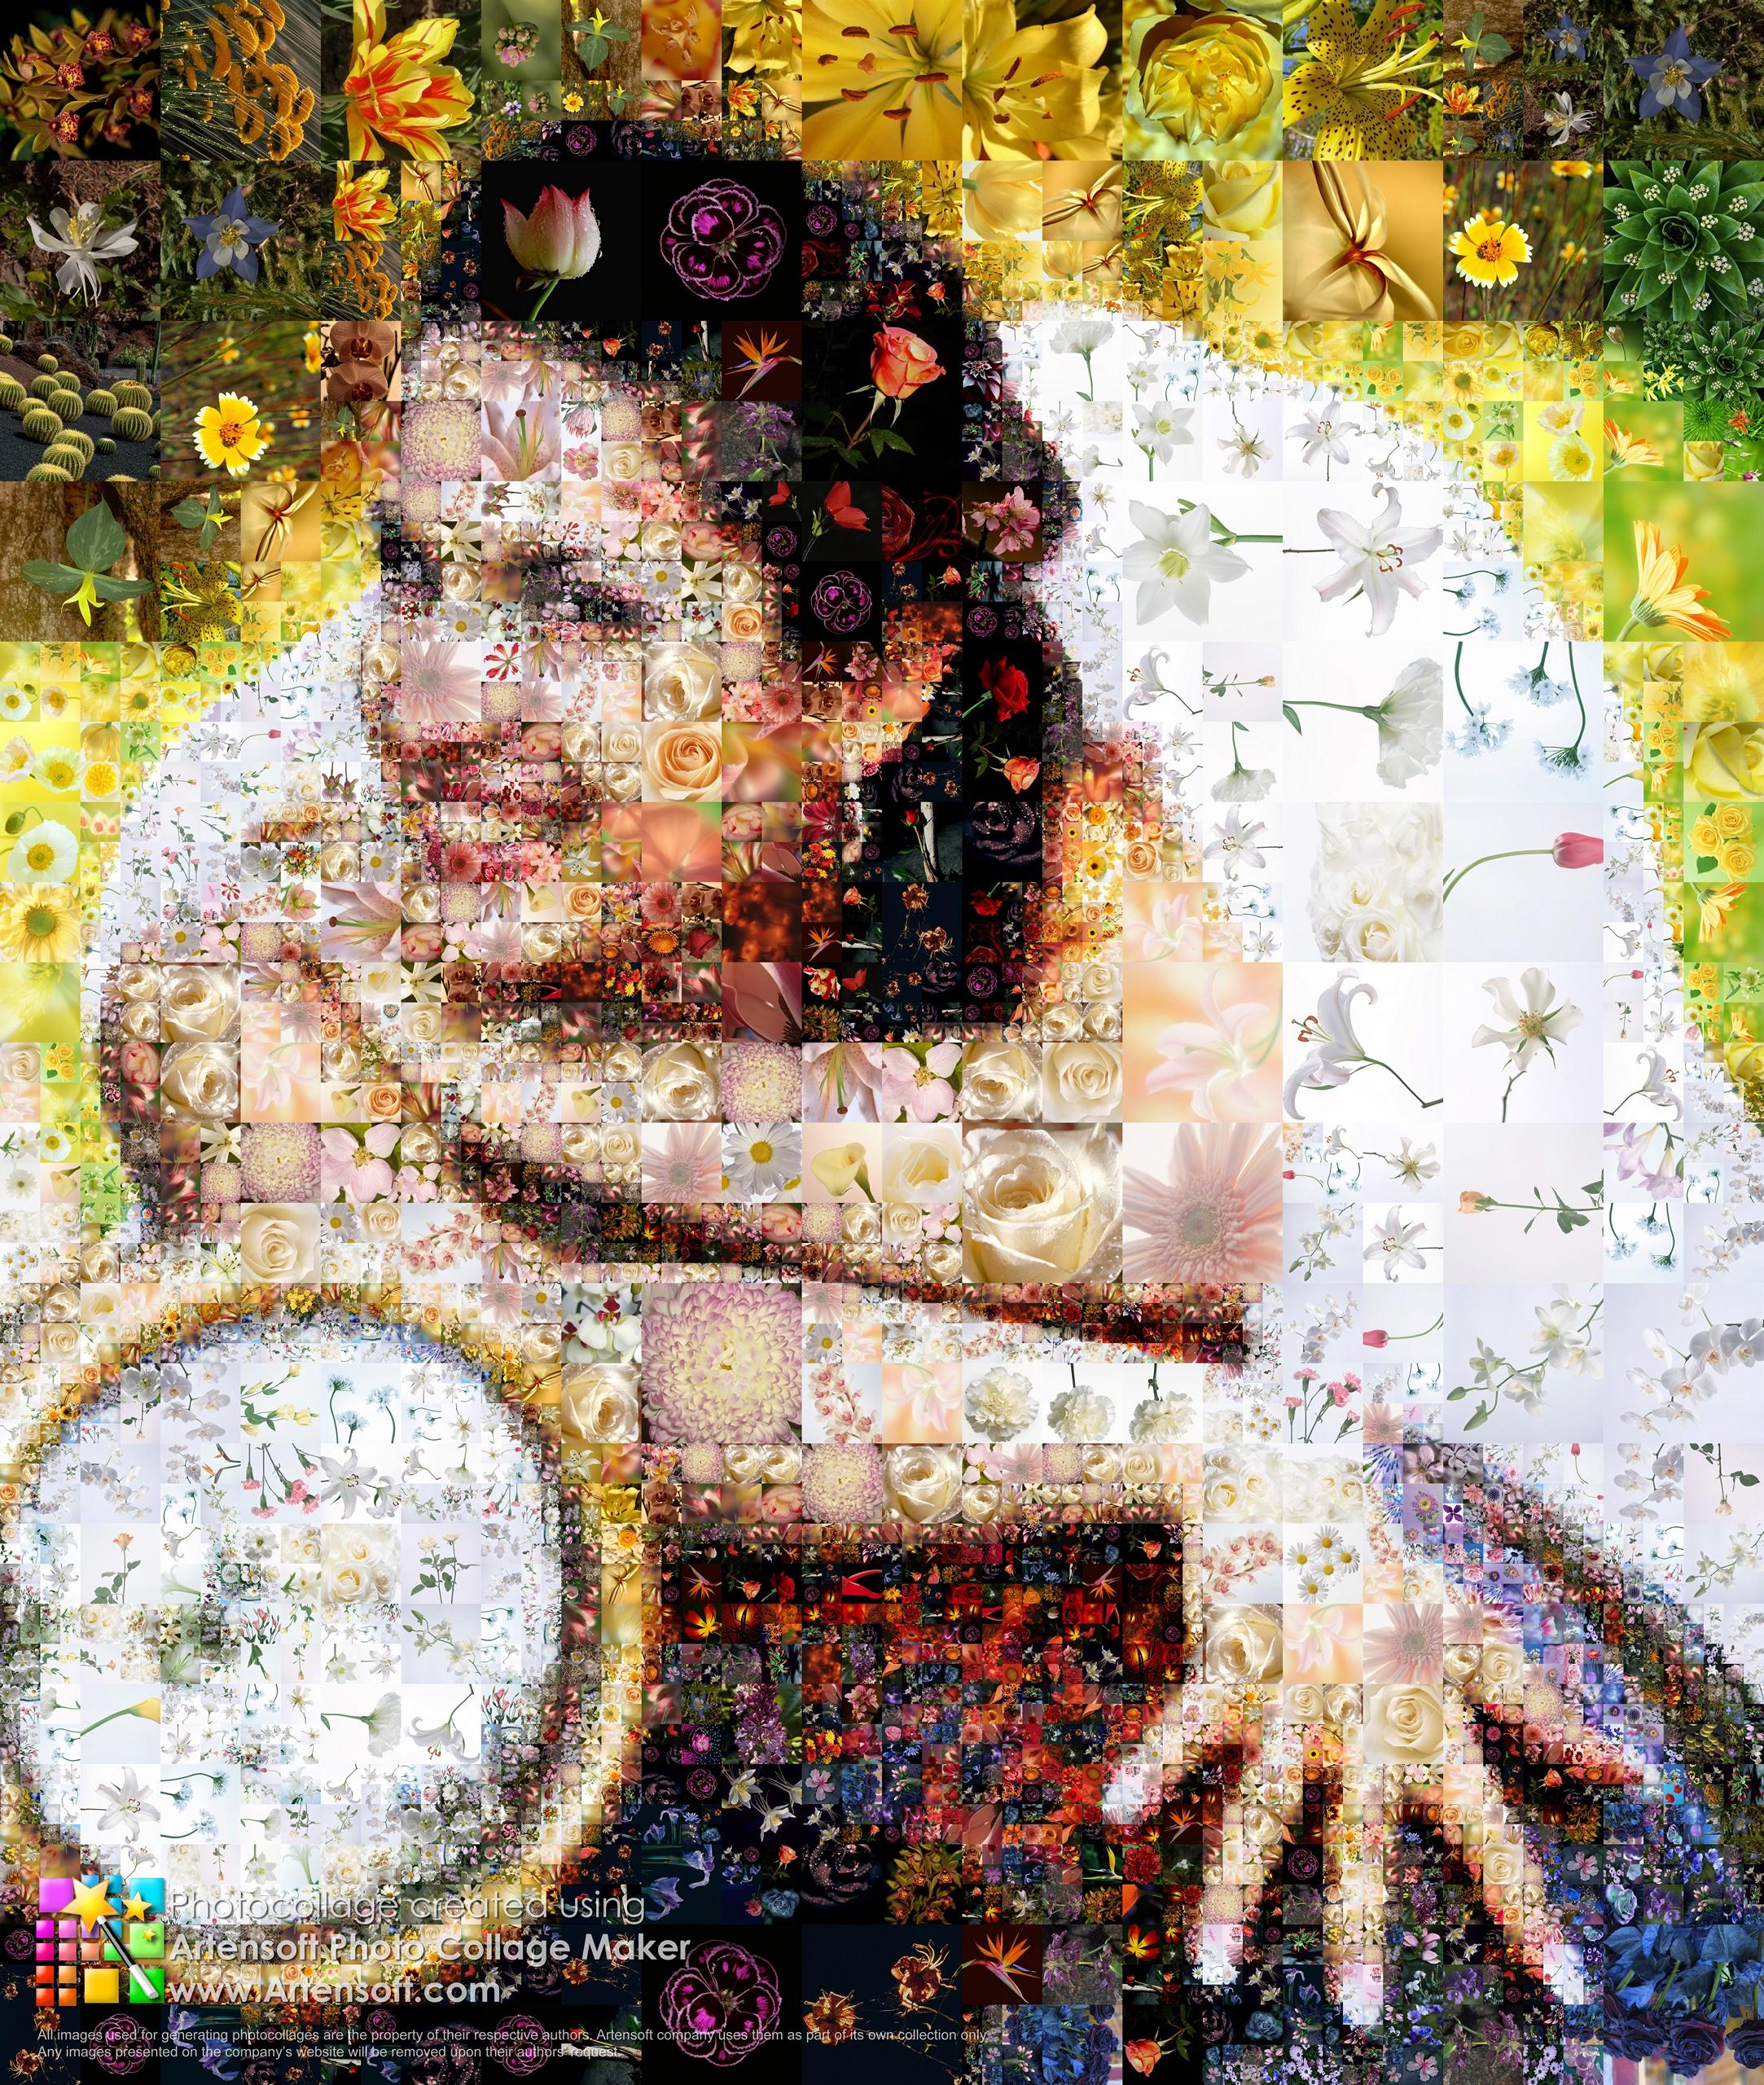 Leuchtende Und Uppige Collage Aus Blumen Zur Hochzeit Beschreibung Programmparameter Fur Das Erstellen Detailansicht Video Auflosung Beim Speichern